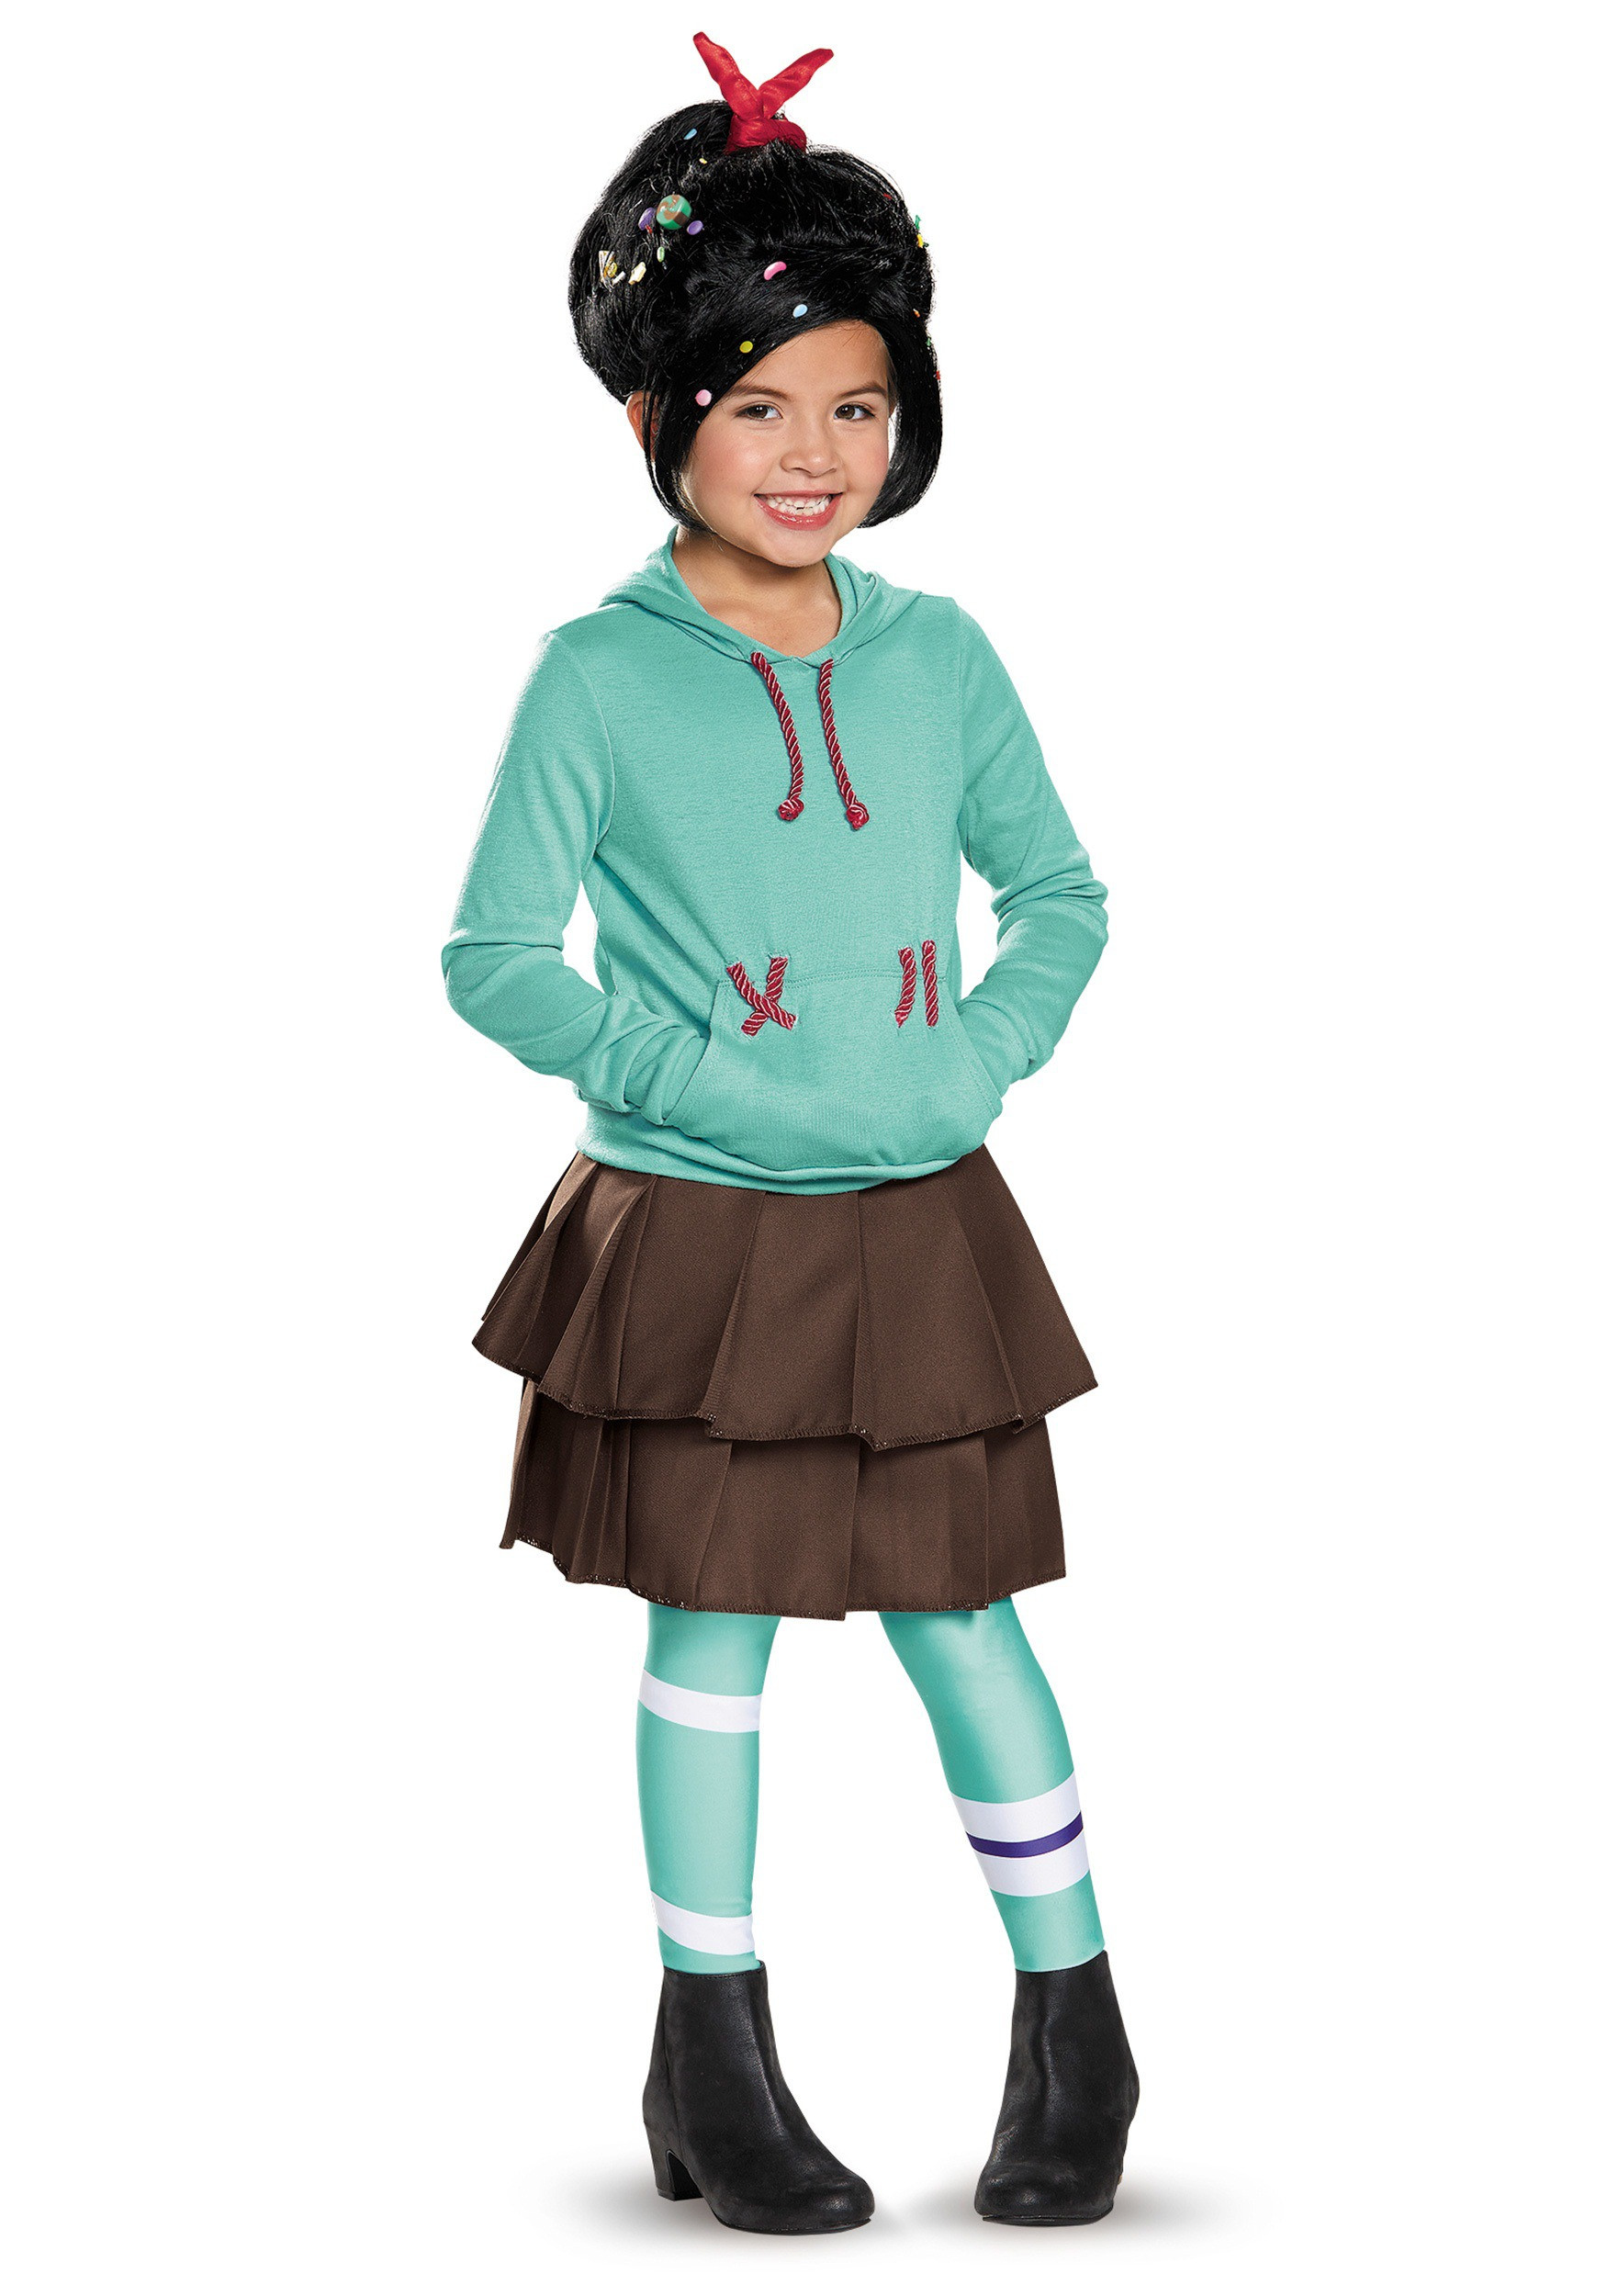 Vanellope Von Schweetz Costume DIY  Child Deluxe Vanellope Von Schweetz Costume